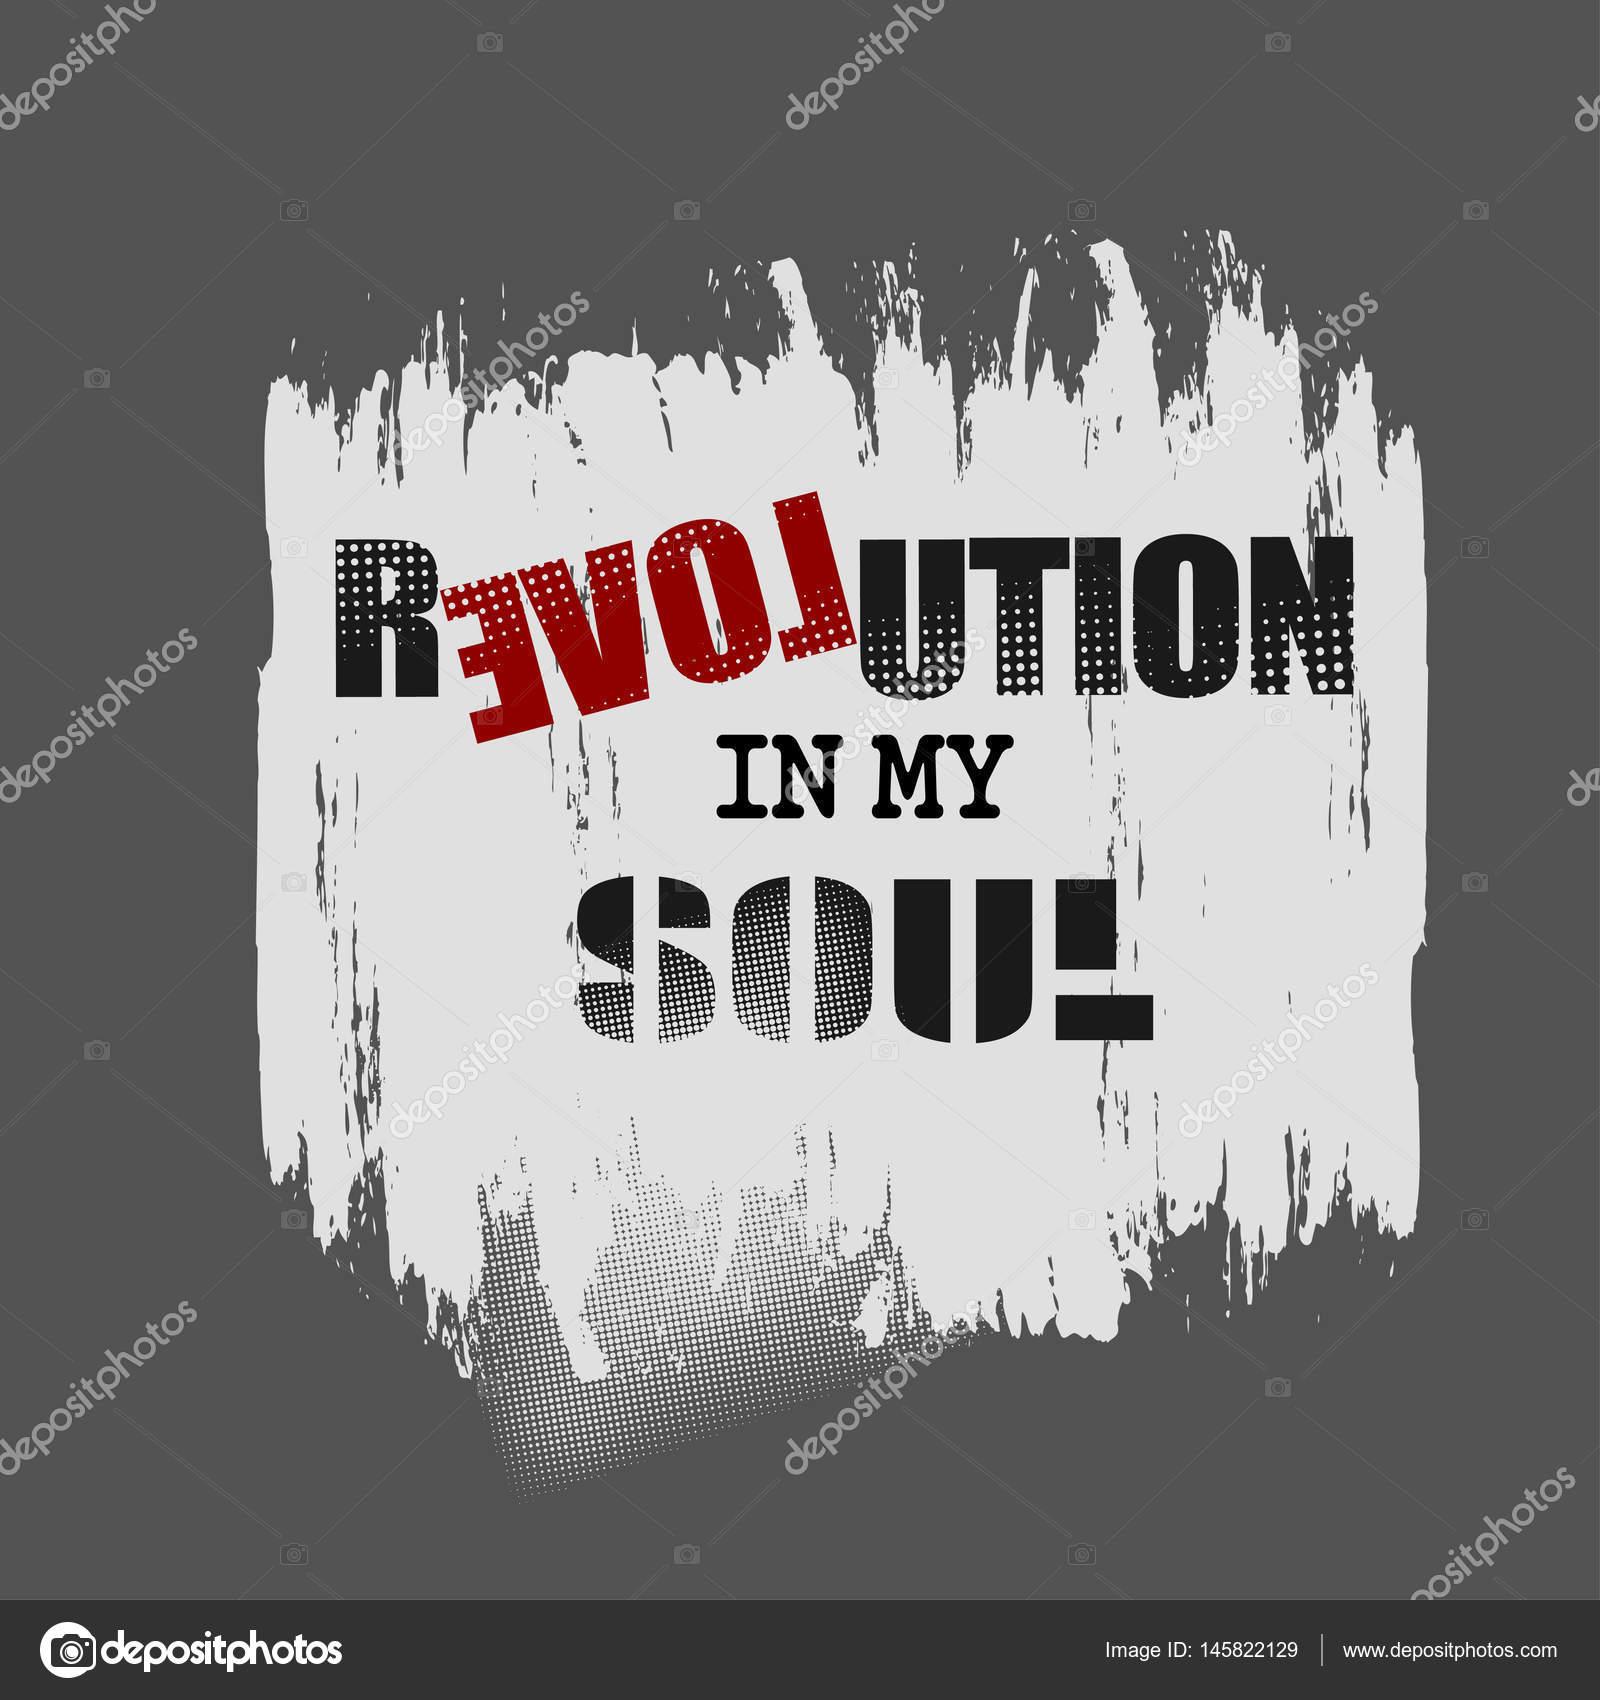 Illustration Vectorielle Avec L'expression « Révolution